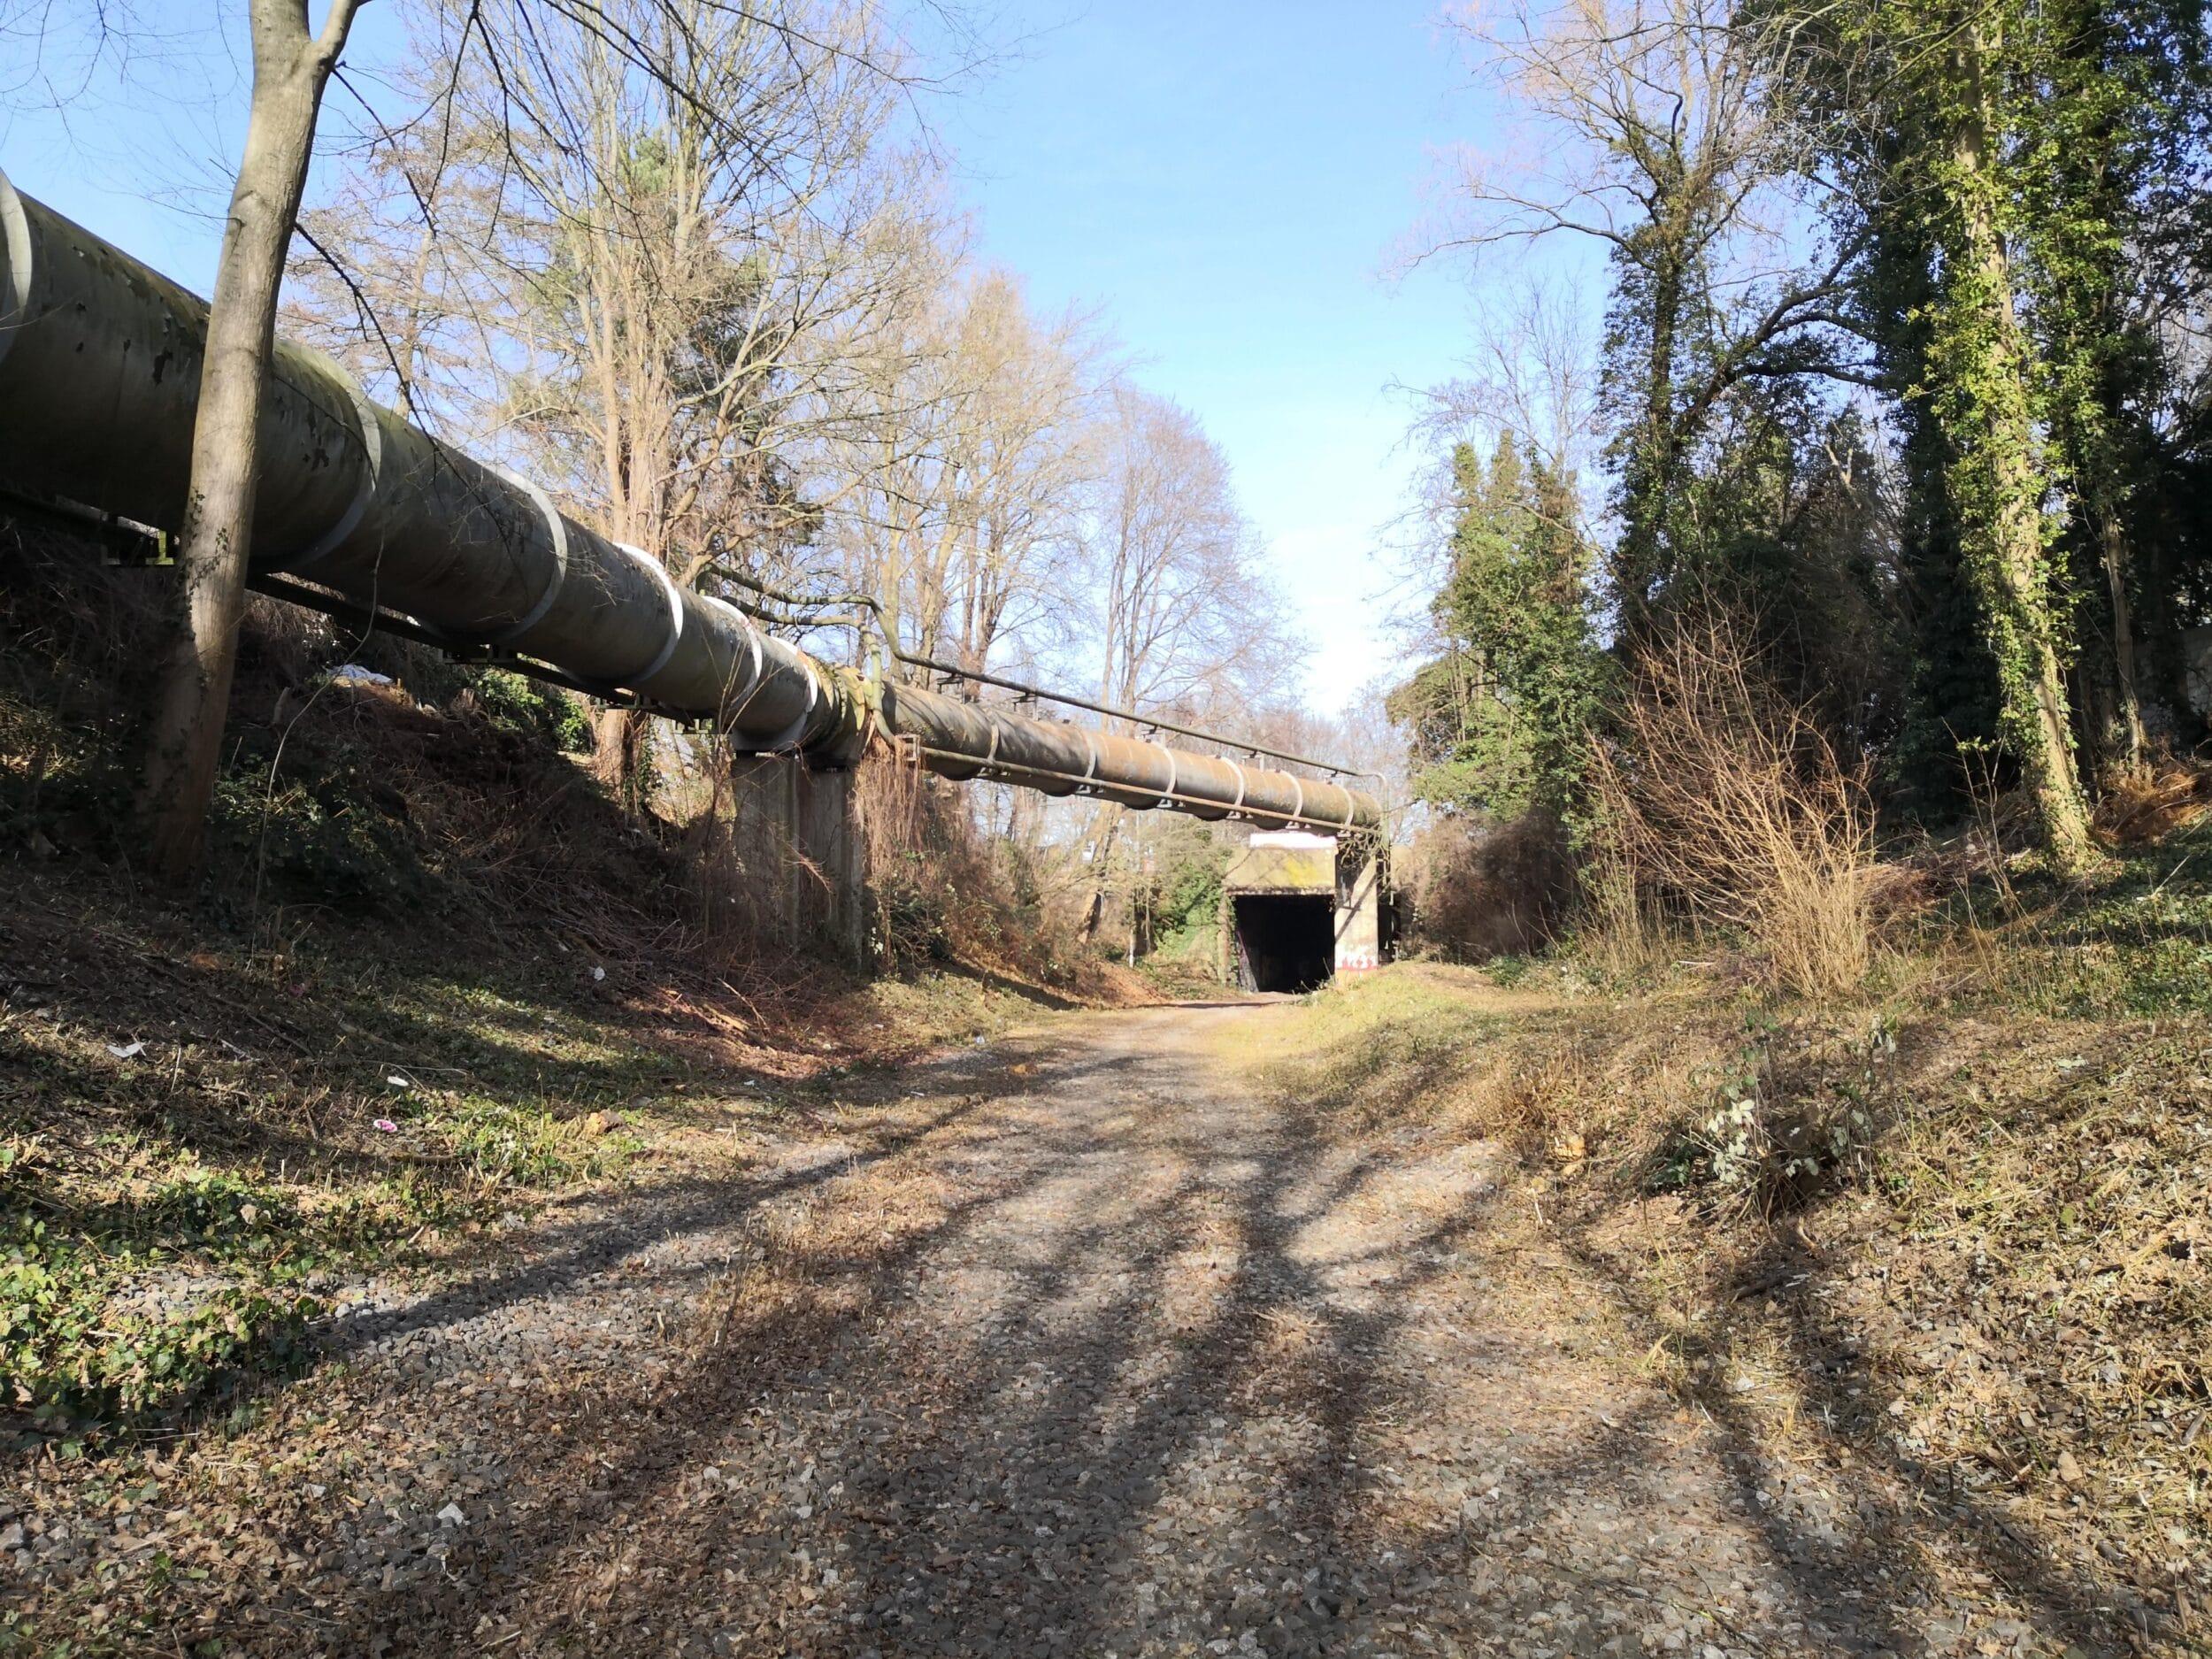 Teilstück des Gartenstadtradweges im März 2021 nach Abschluss der Rodungsarbeiten © RVR/Mohn